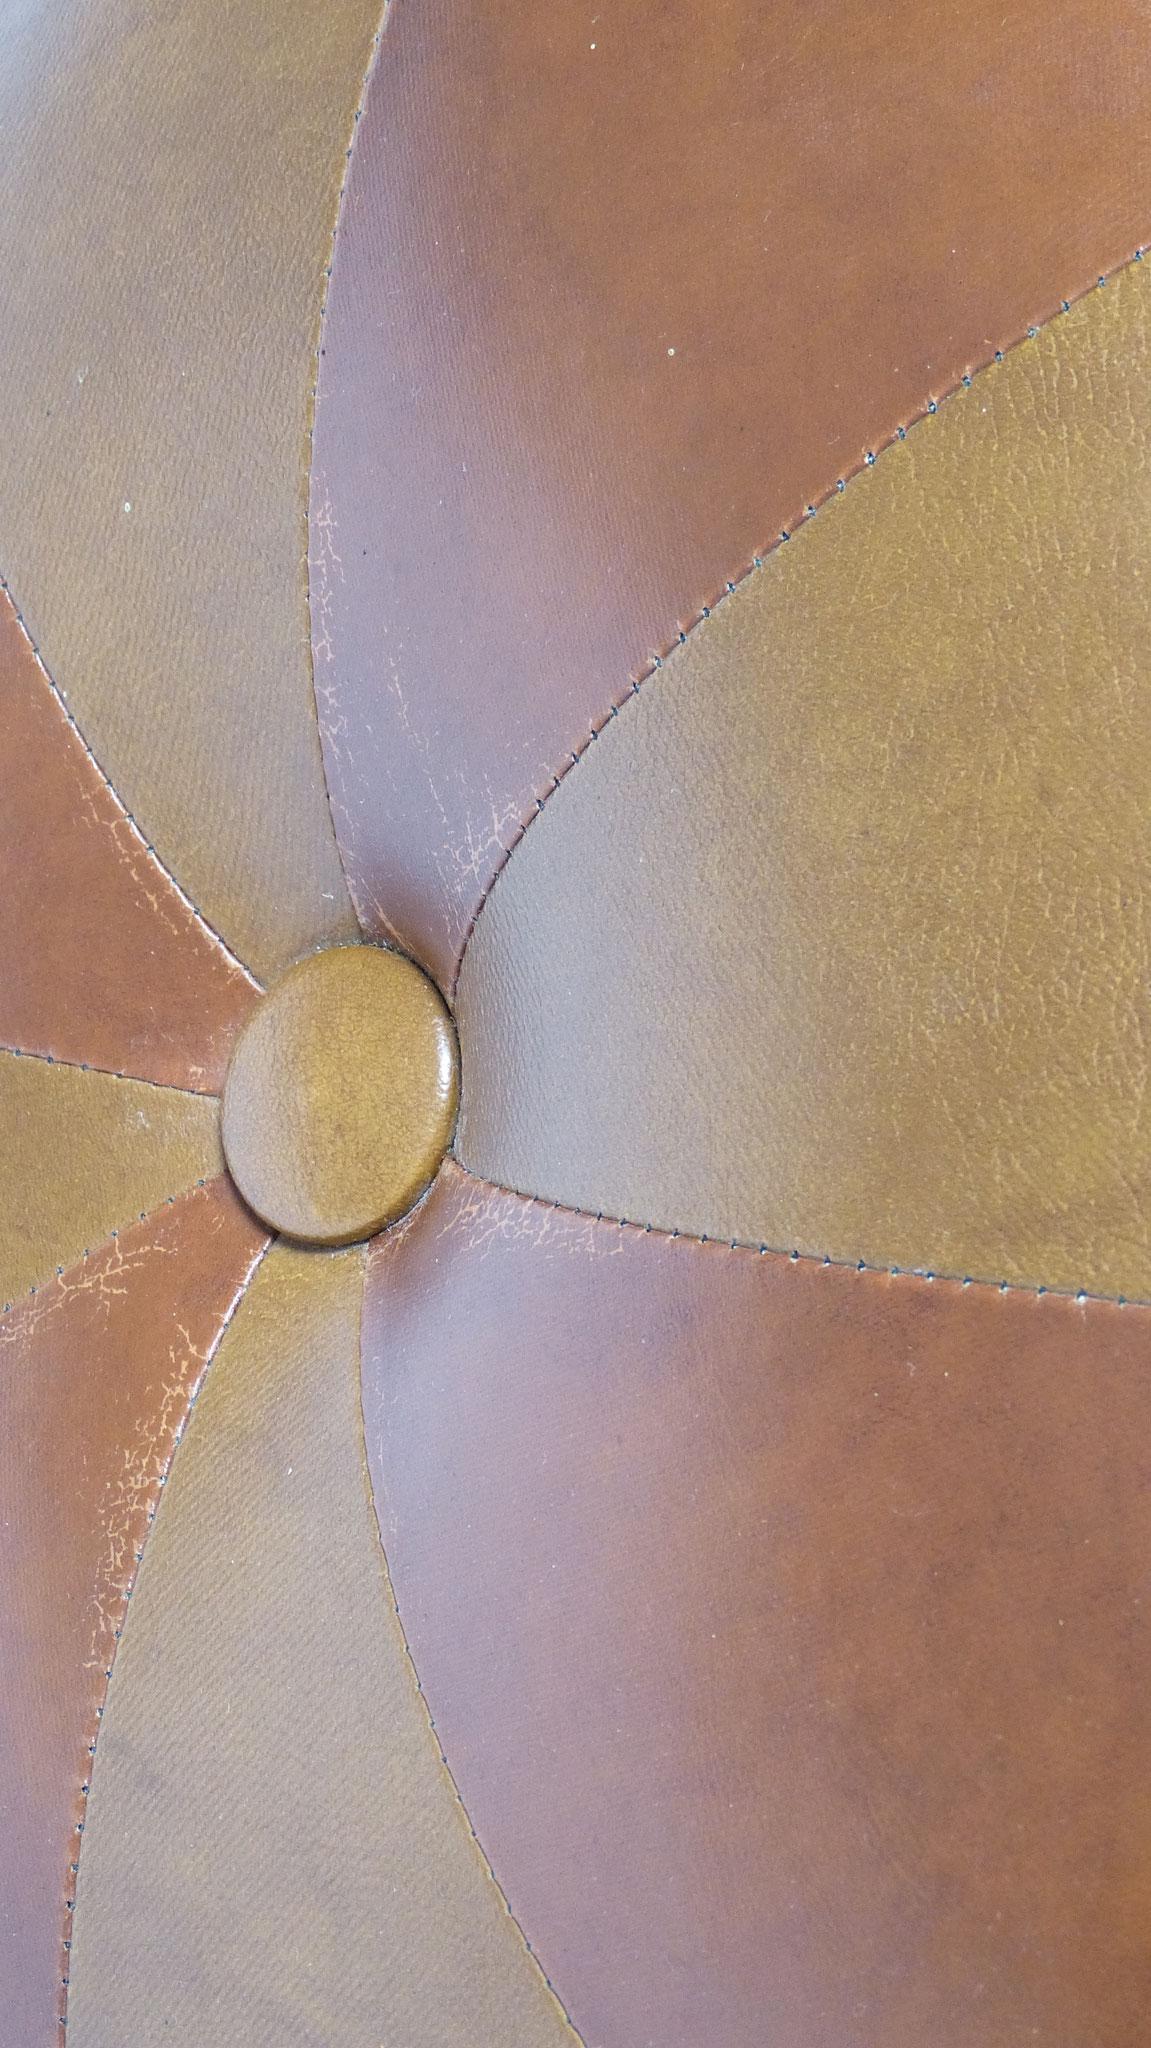 Afm. 35 h x 40 diameter